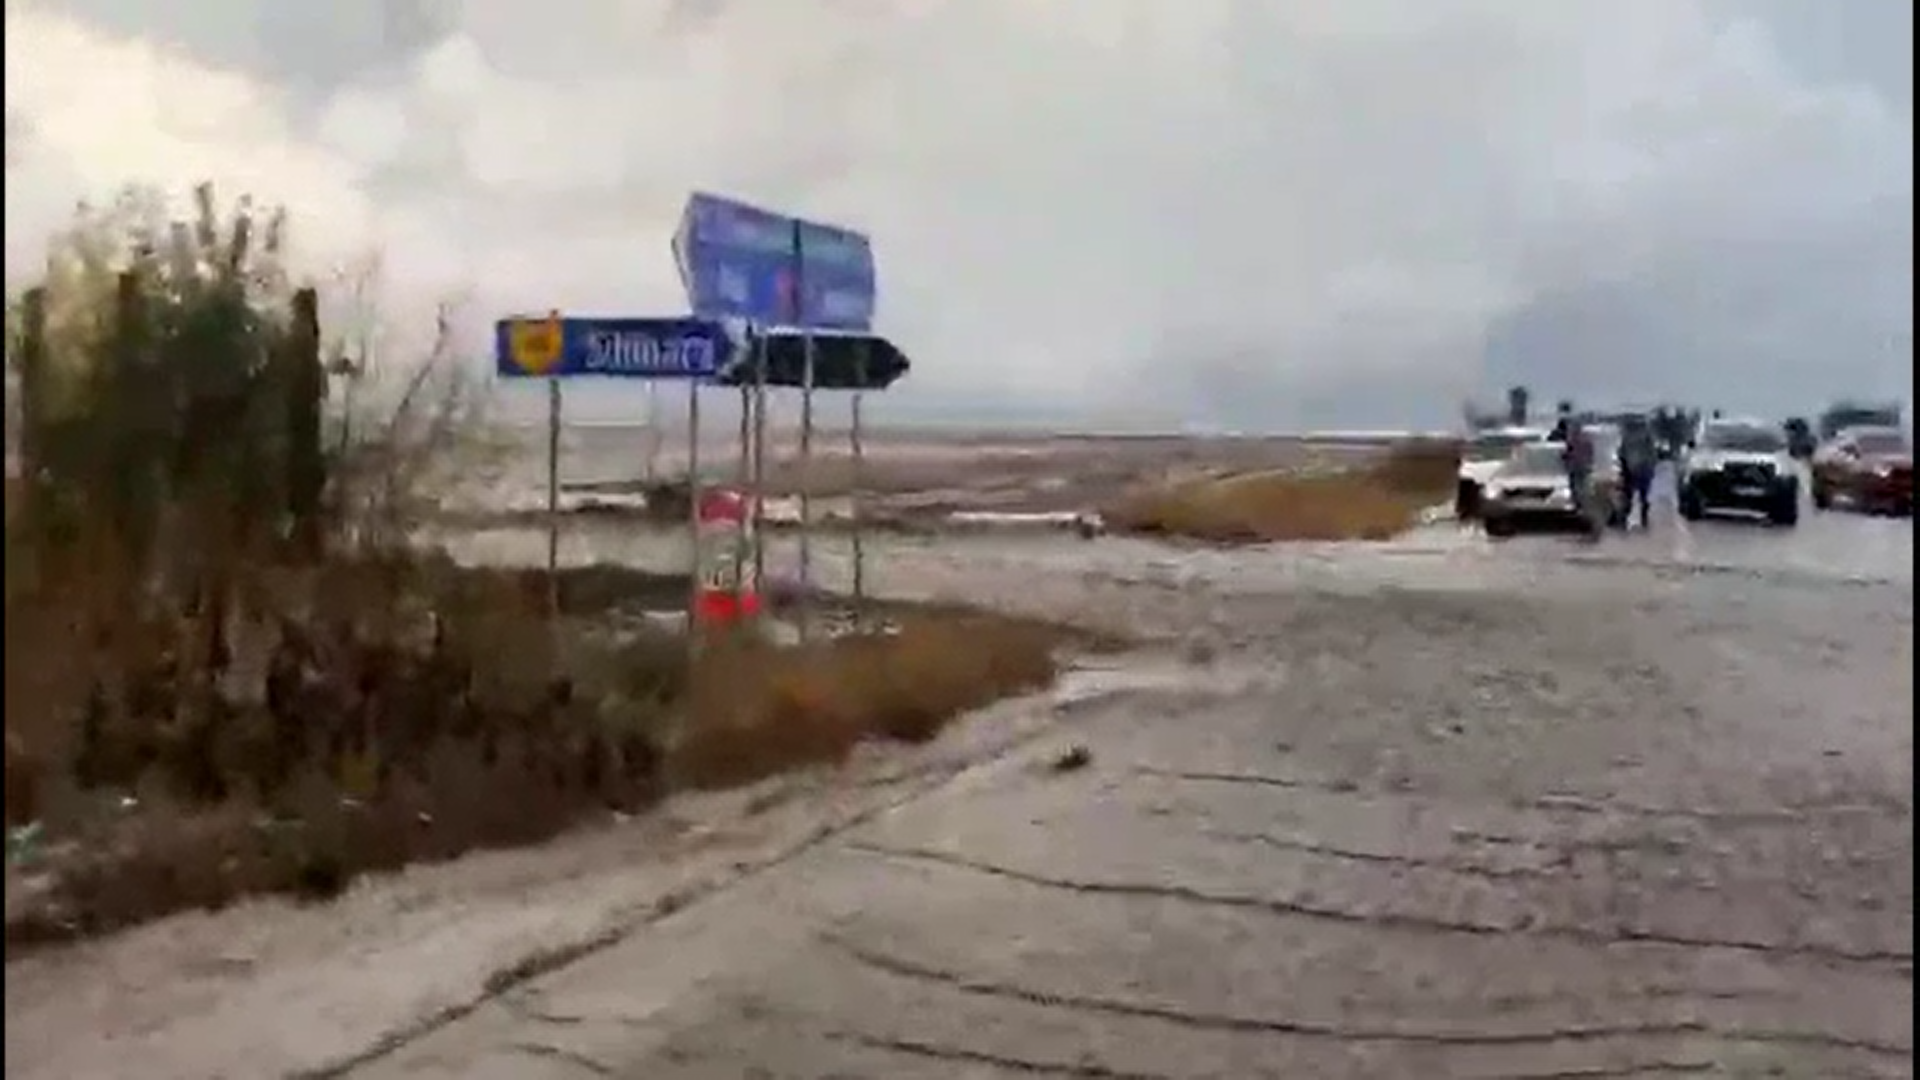 Imagini dramatice. Ploile torențiale au făcut prăpăd în Tulcea